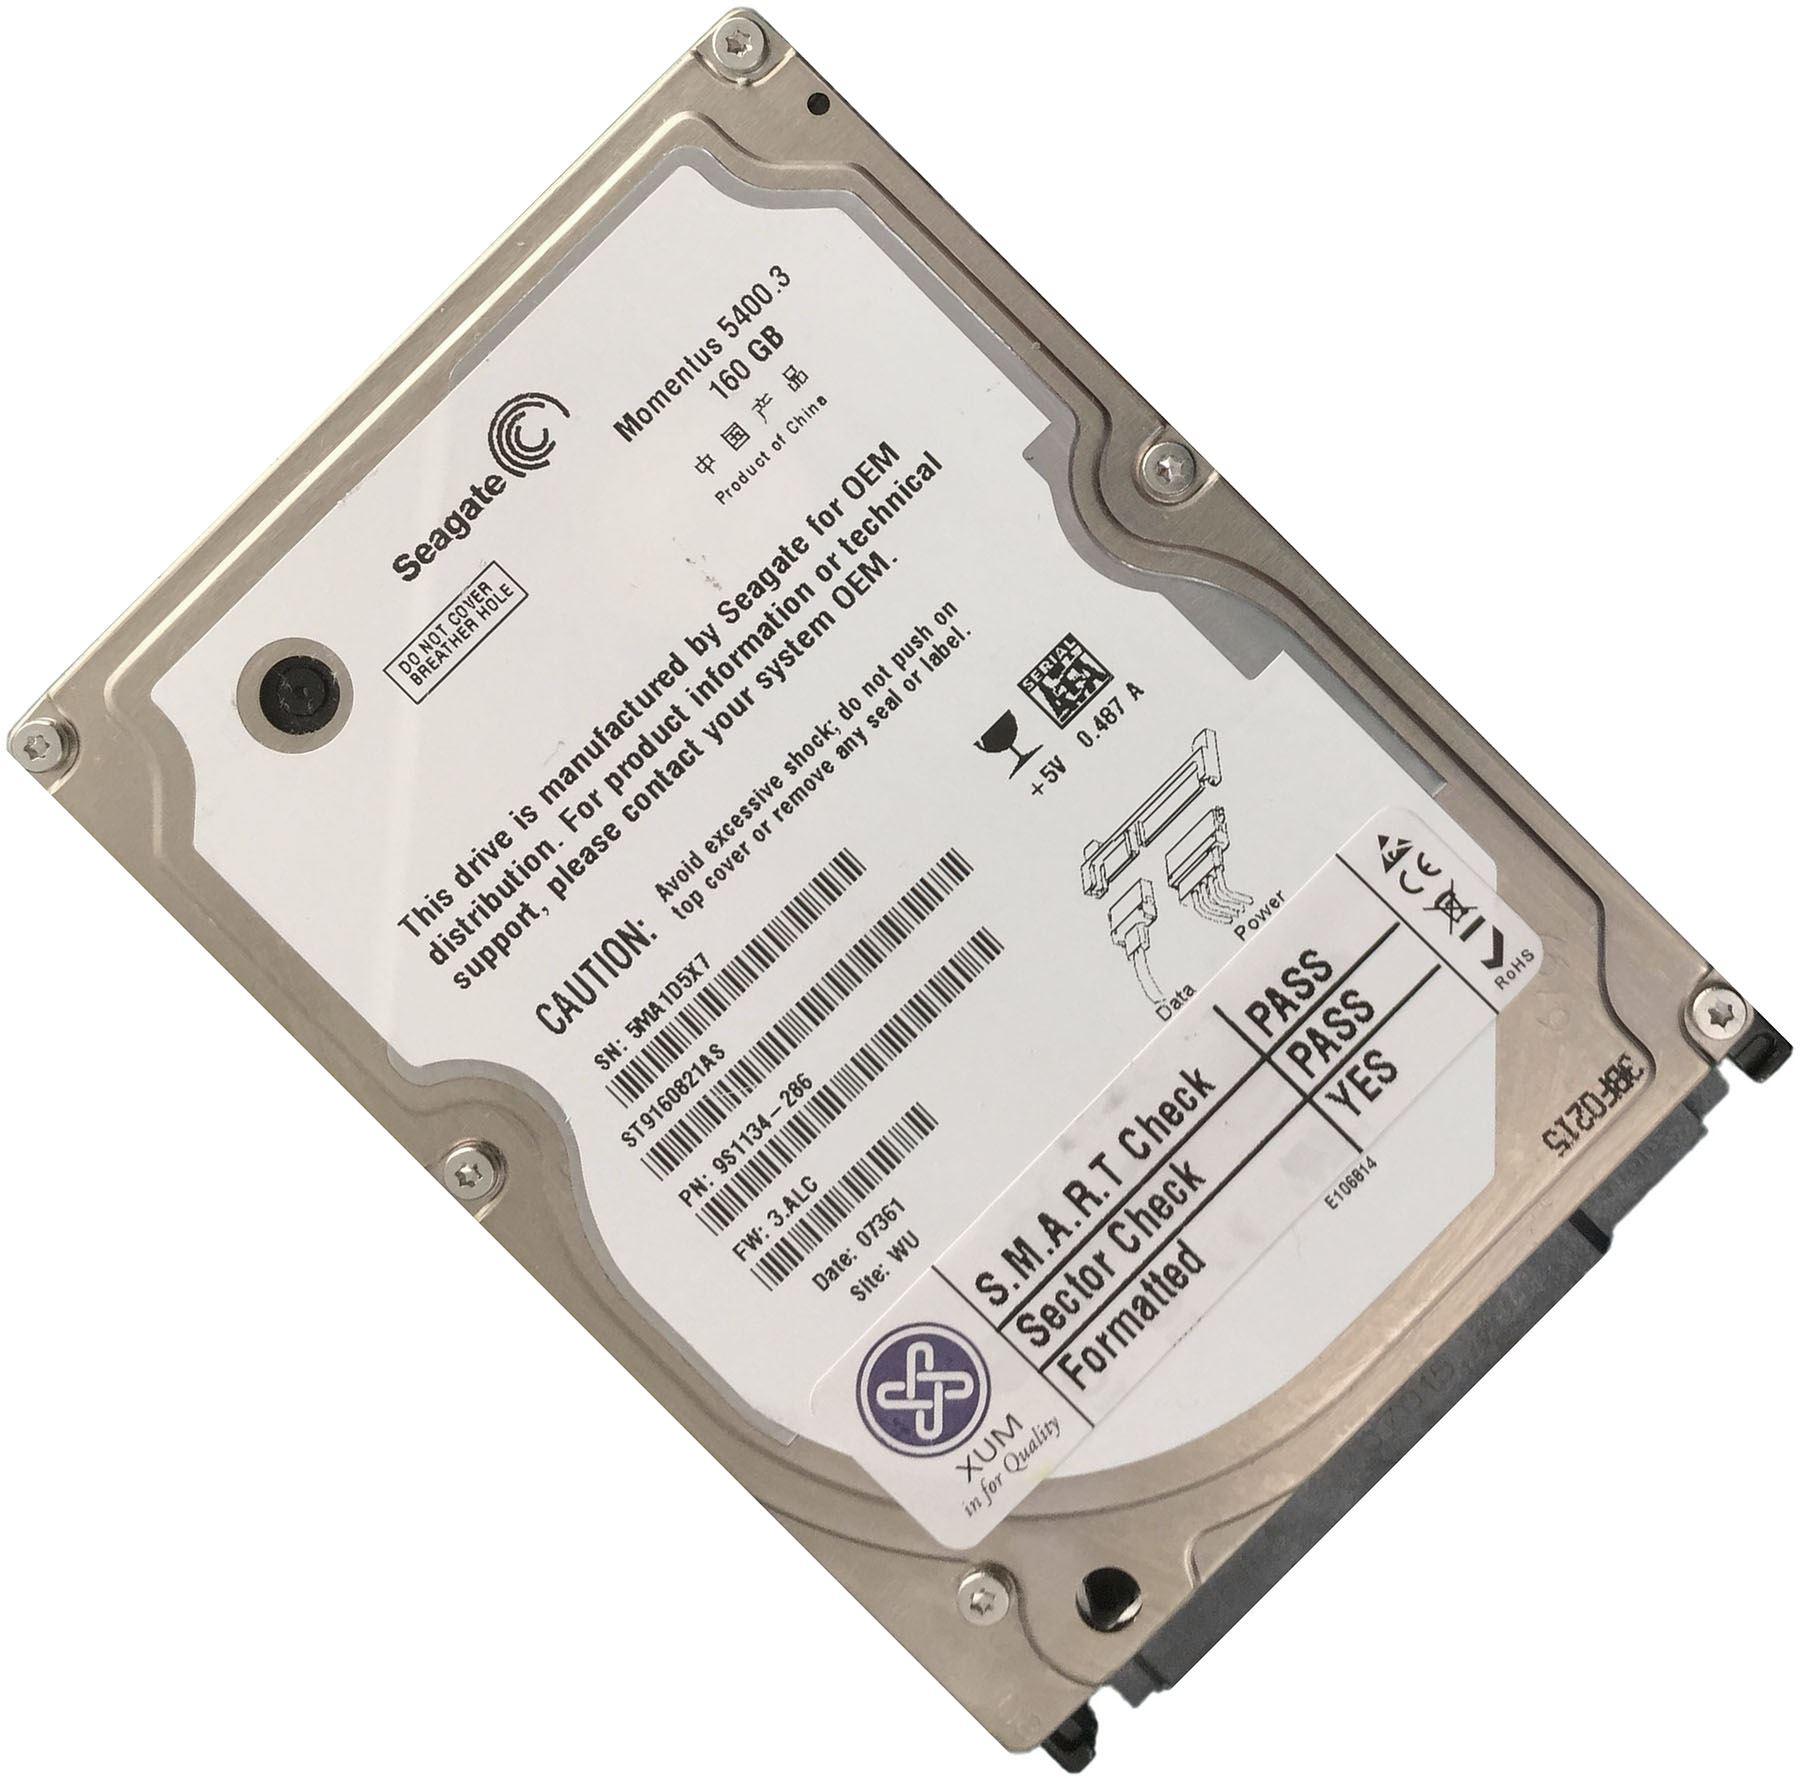 2-5-034-5400-RPM-SATA-I-1-5Gb-s-8-MB-de-cache-de-disco-duro-interno-HDD-Lote-de-Escritorio-Laptop